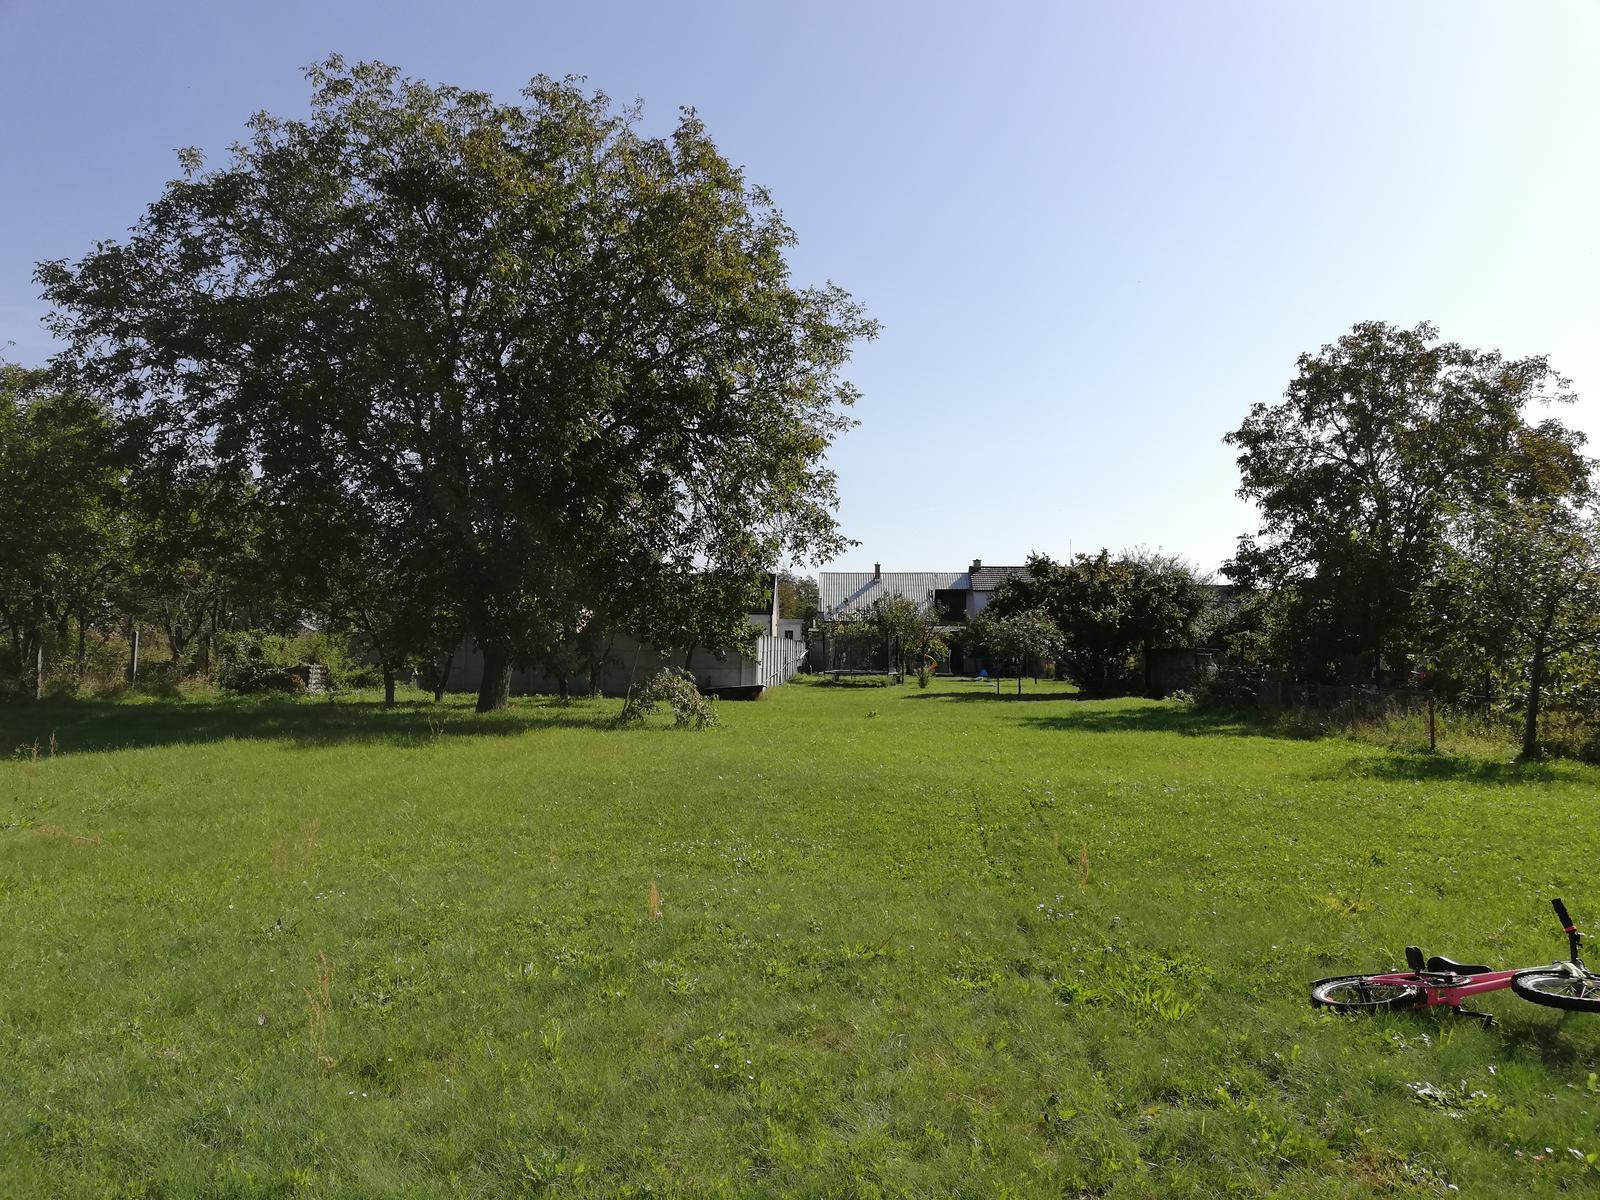 Naša záhrada a veľké plány s ňou 😊 - Pohľad z konca pozemku